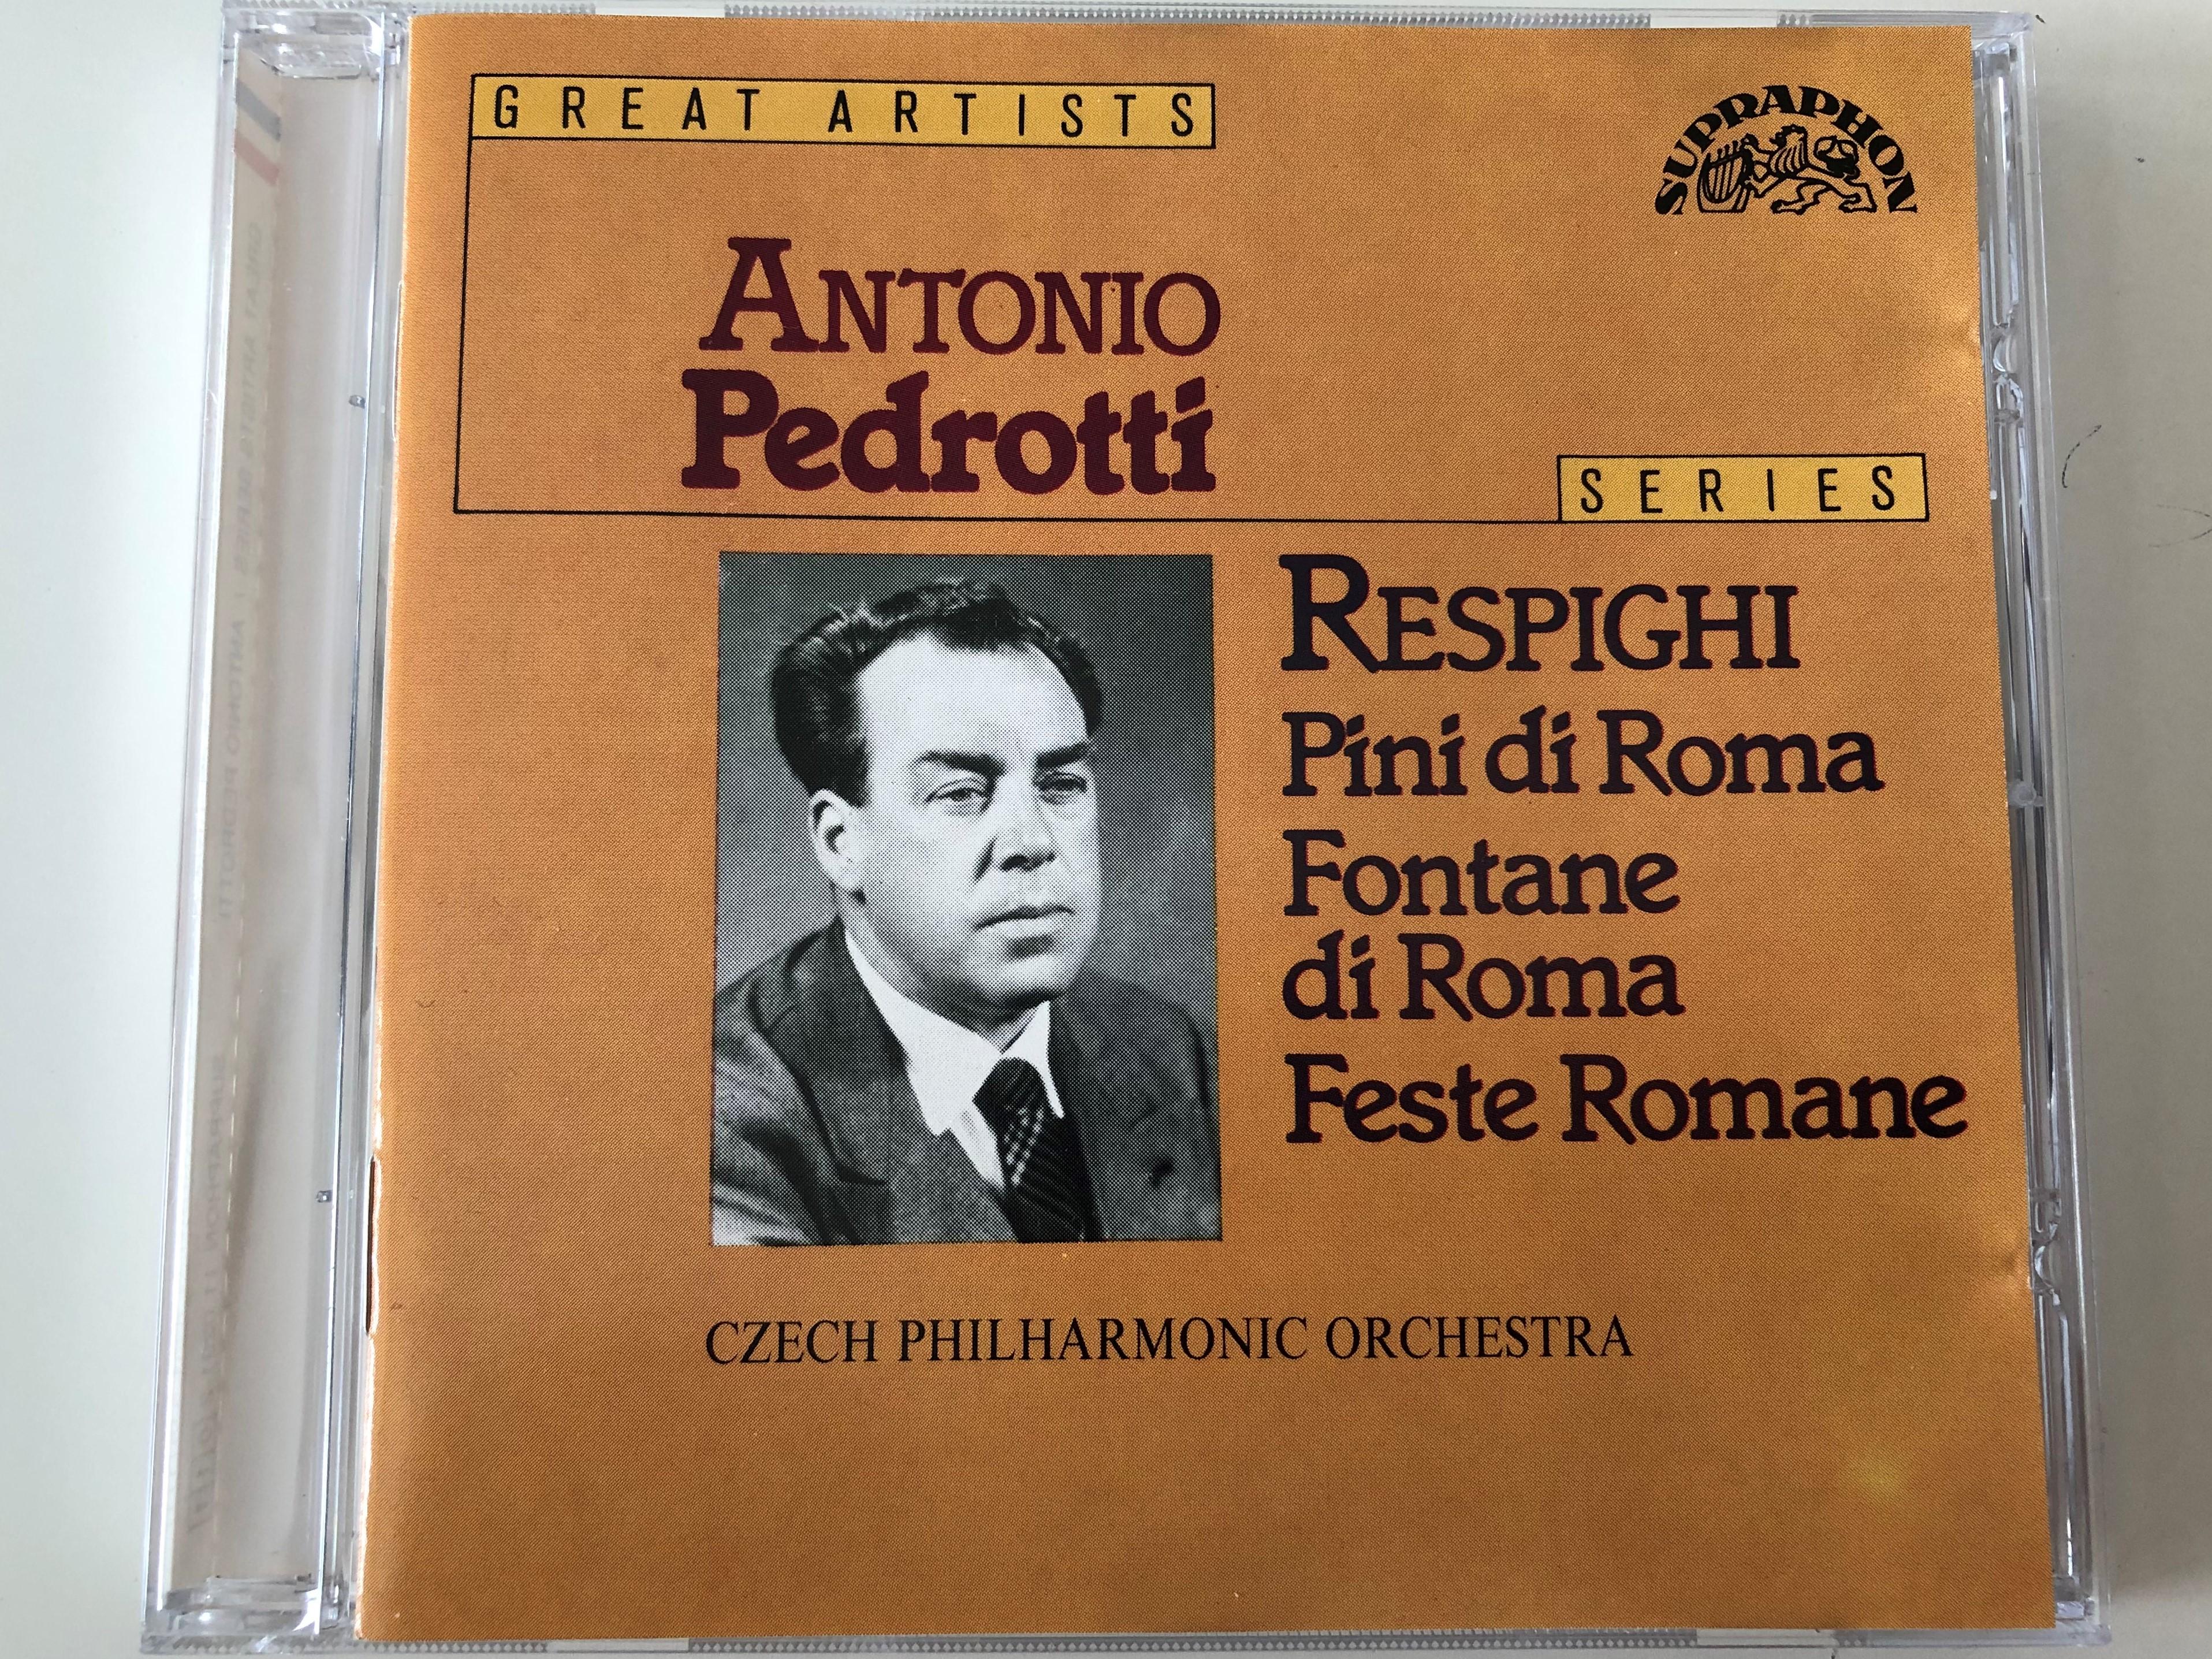 antonio-pedrotti-respighi-pini-di-roma-fontane-di-roma-feste-romane-czech-philharmonic-orchestra-supraphon-audio-cd-1988-stereo-11-0291-2-011-1-.jpg